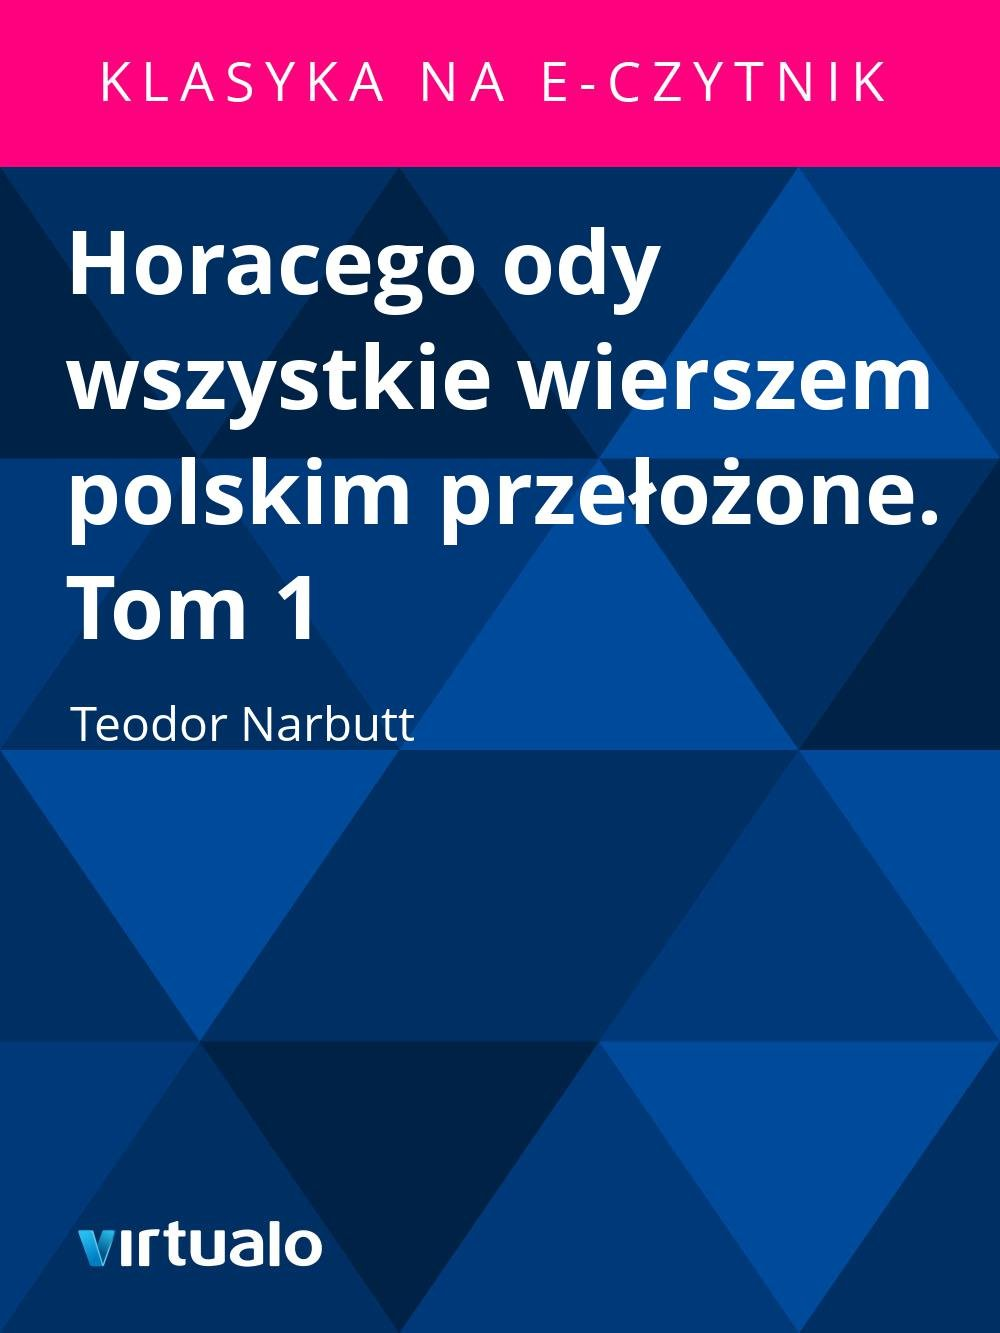 Horacego ody wszystkie wierszem polskim przełożone. Tom 1 - Ebook (Książka EPUB) do pobrania w formacie EPUB